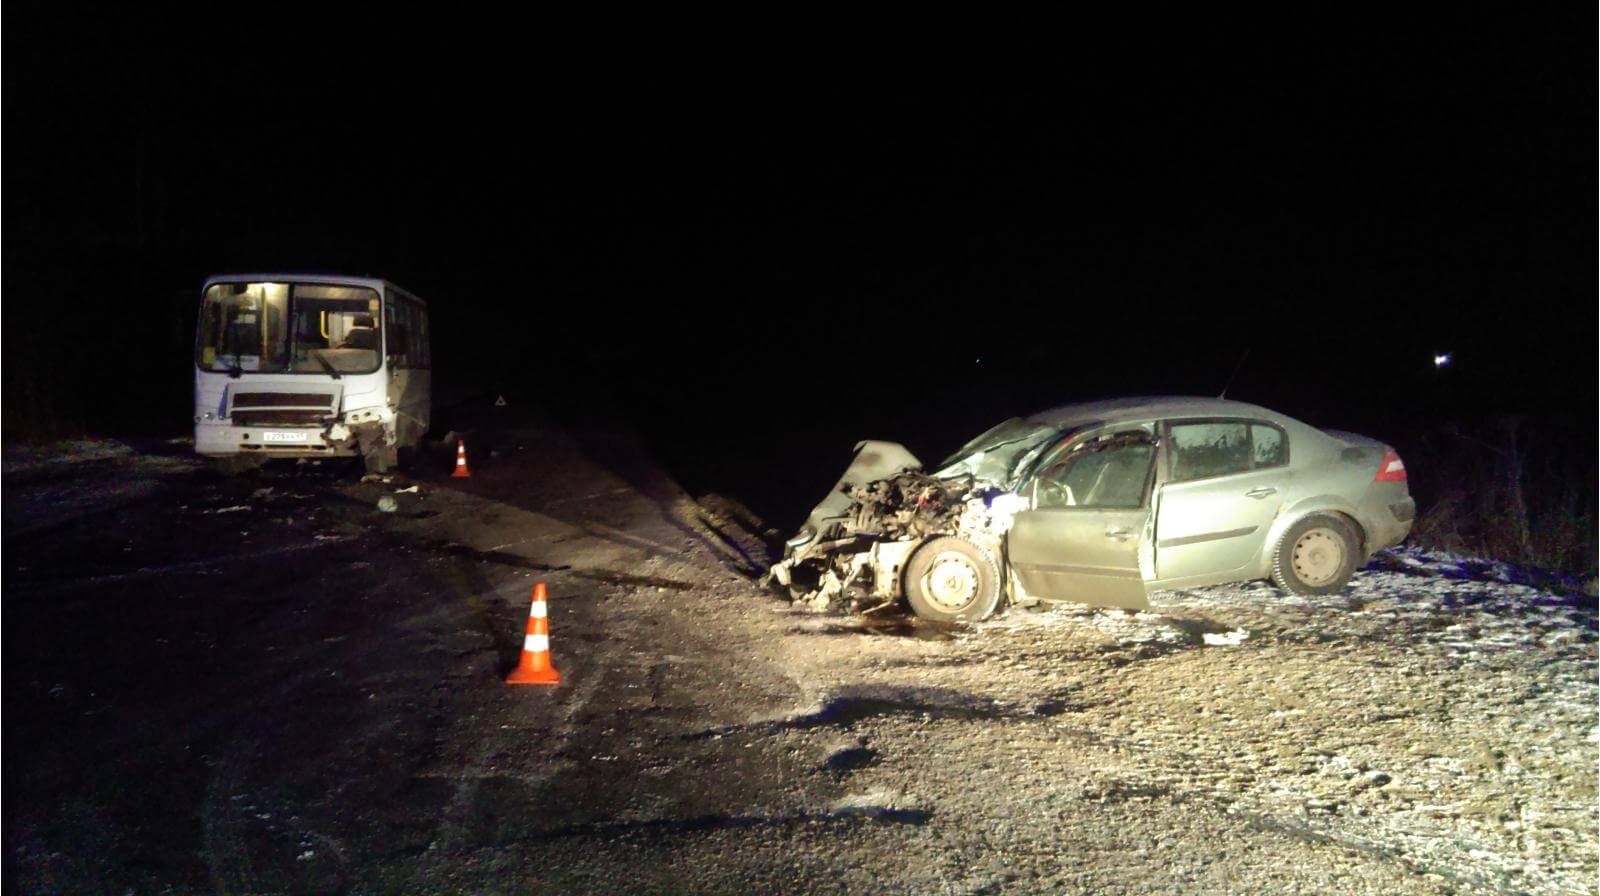 31 декабря и 1 января на территории области в 6 ДТП пострадали 7 человек